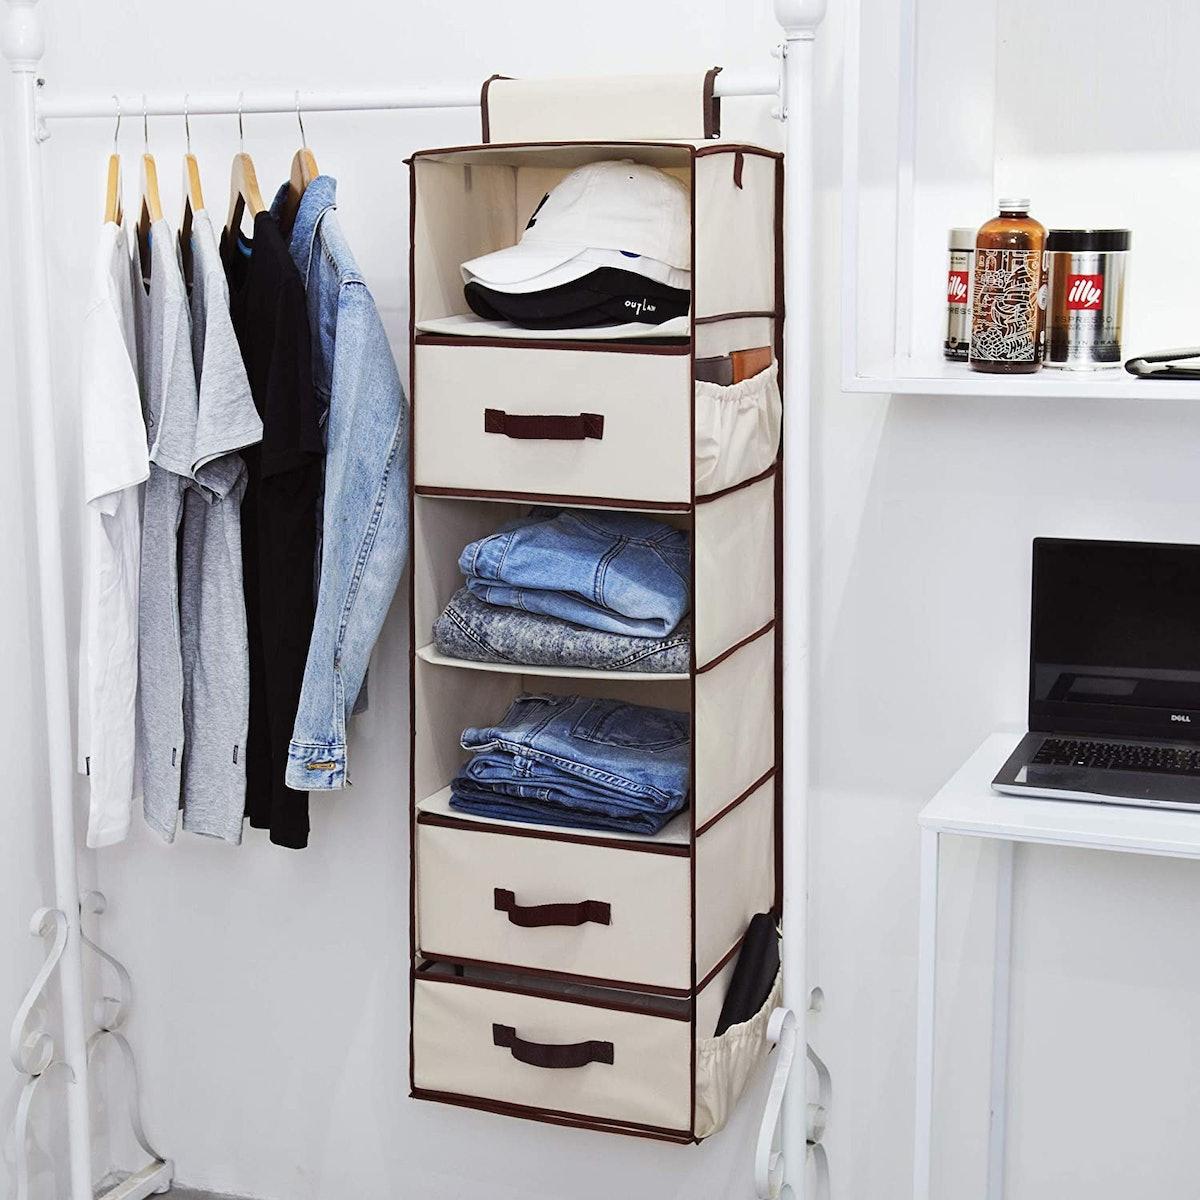 StorageWorks Hanging Drawer Organizer